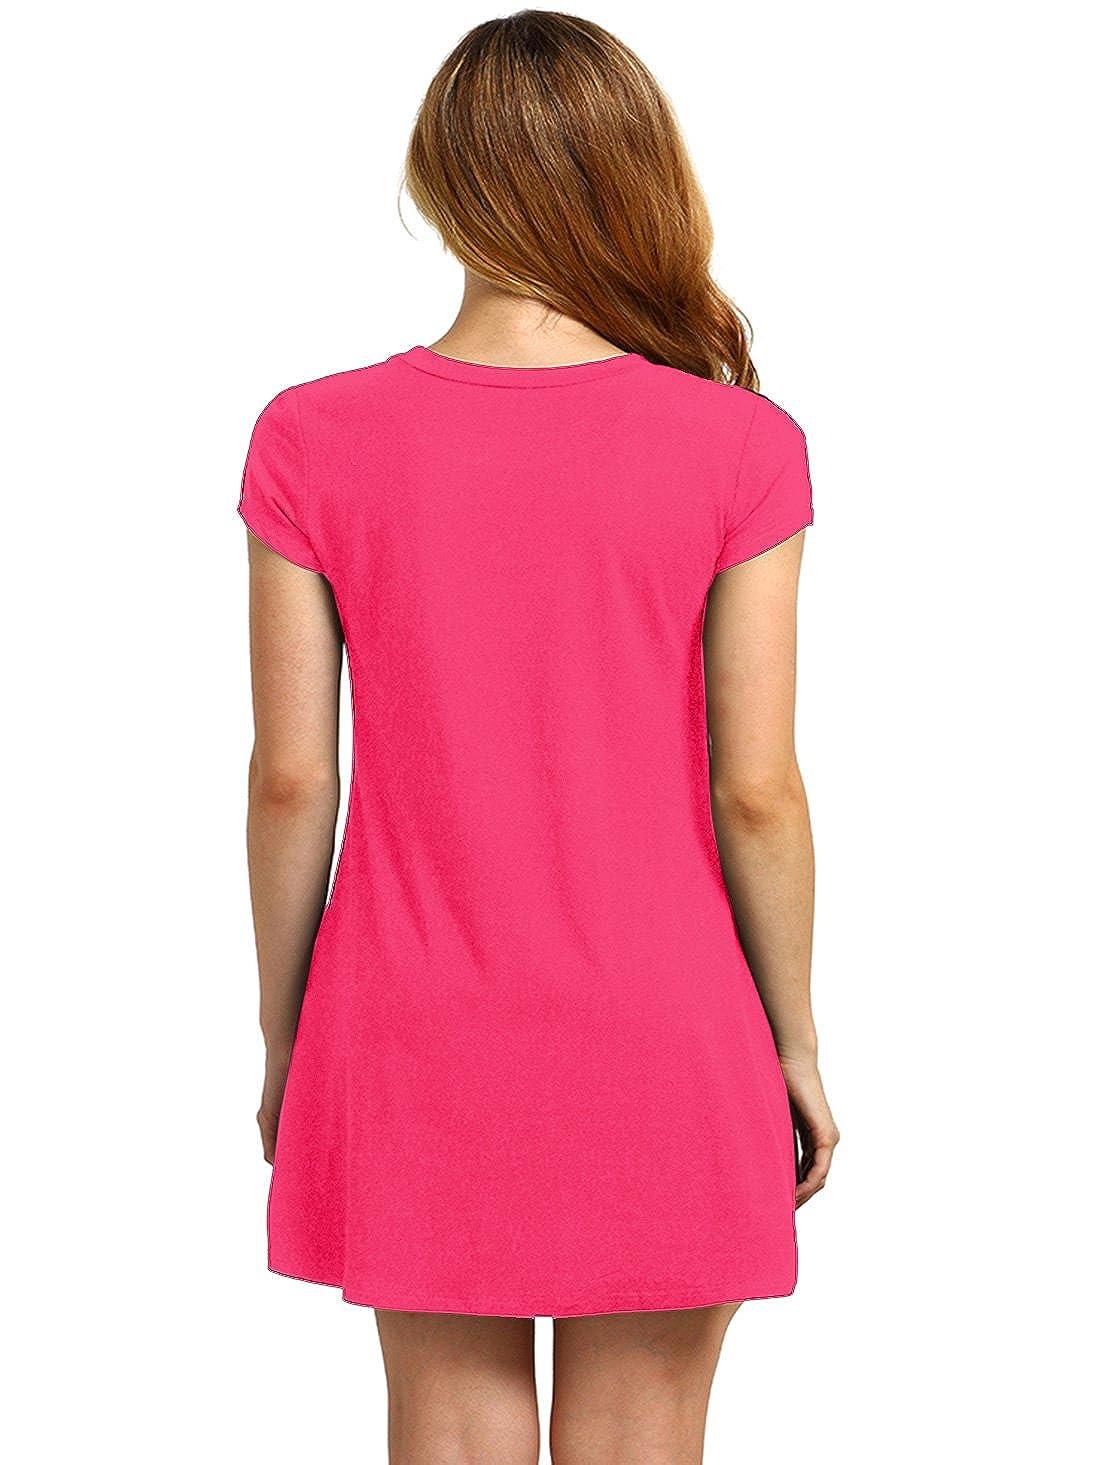 1a9f3caf03 Amazon.com  Romwe Women s Short Sleeve Shirt Casual Swing Dress Fuchia XL   Clothing